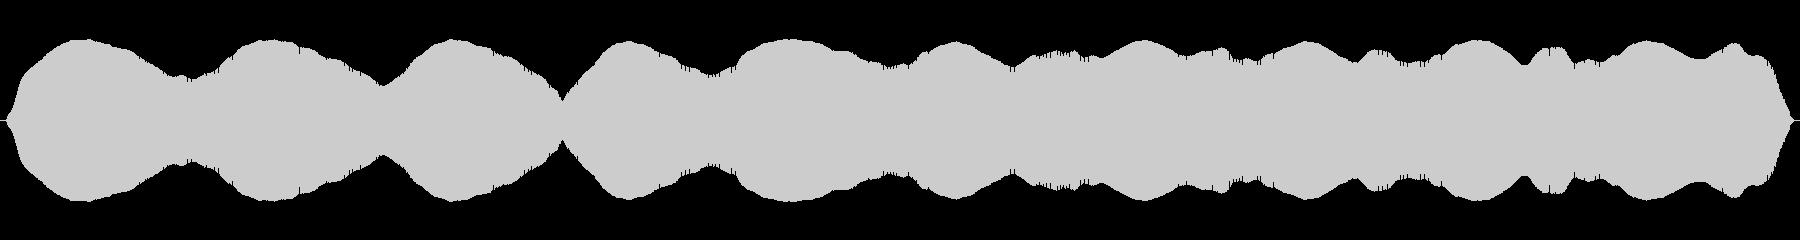 不安低音フオーンフオンフォンフンホーンの未再生の波形